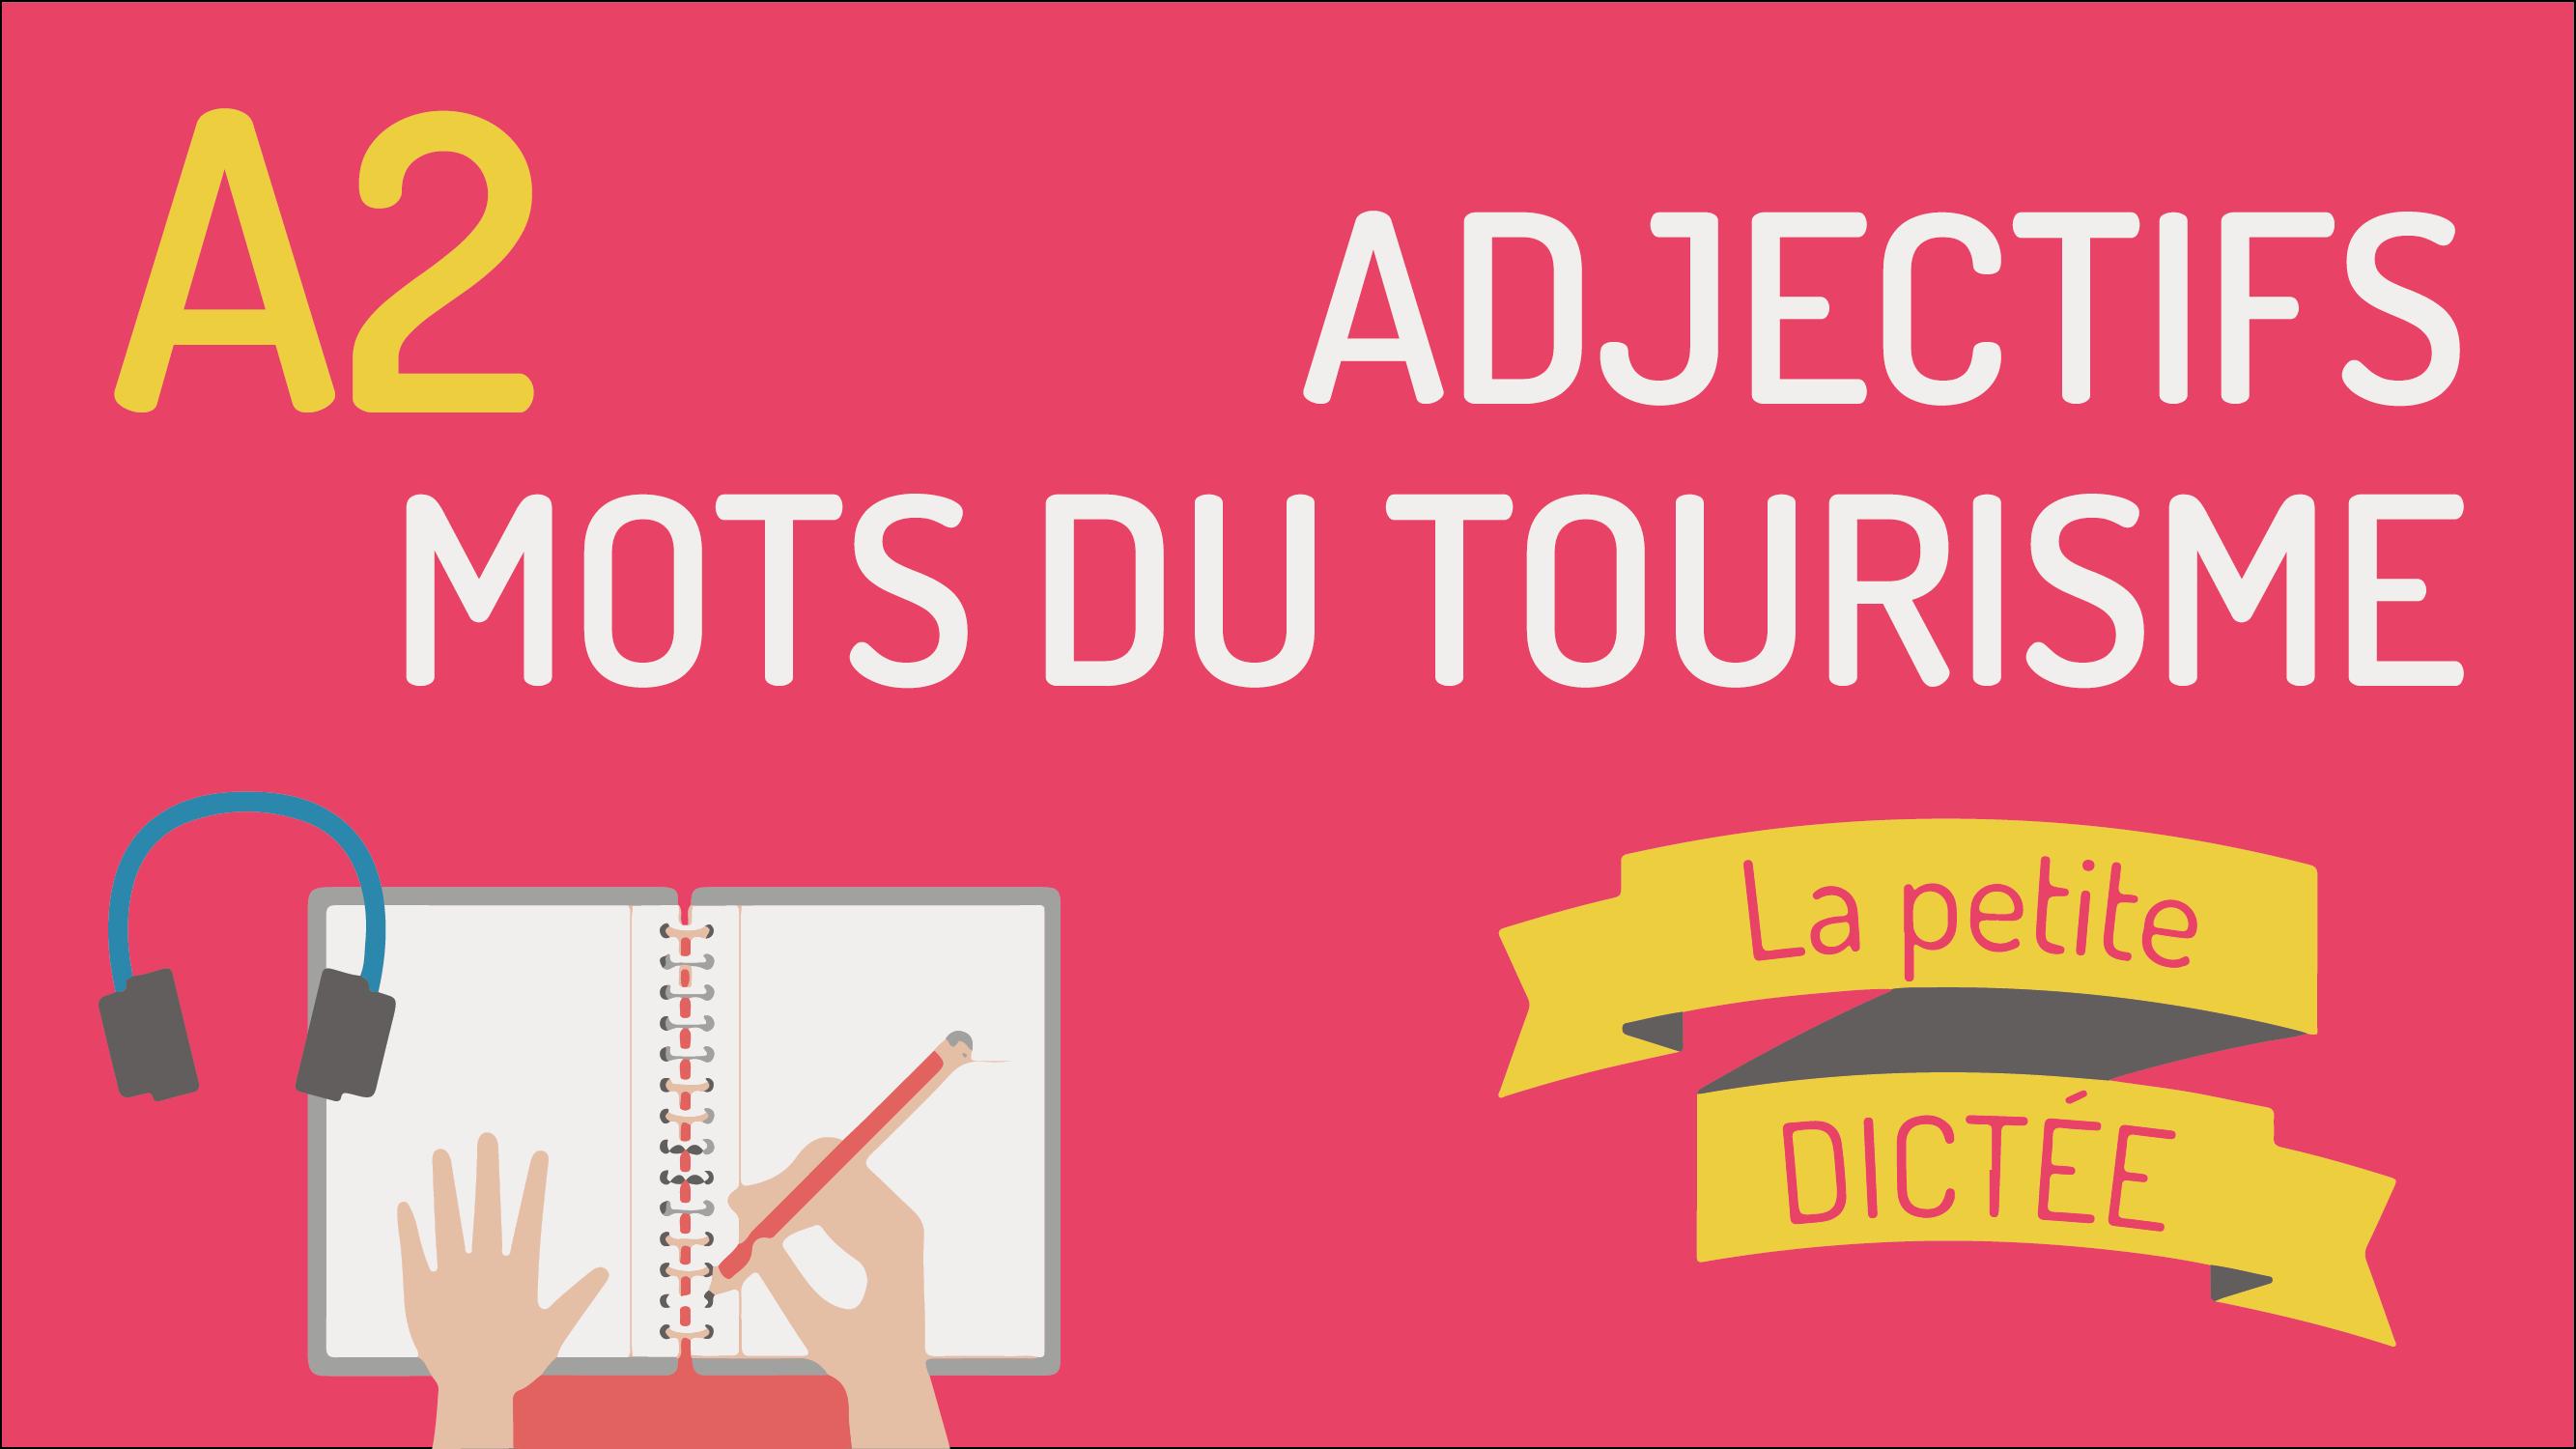 La petite dictée #3 : les adjectifs et le tourisme A2